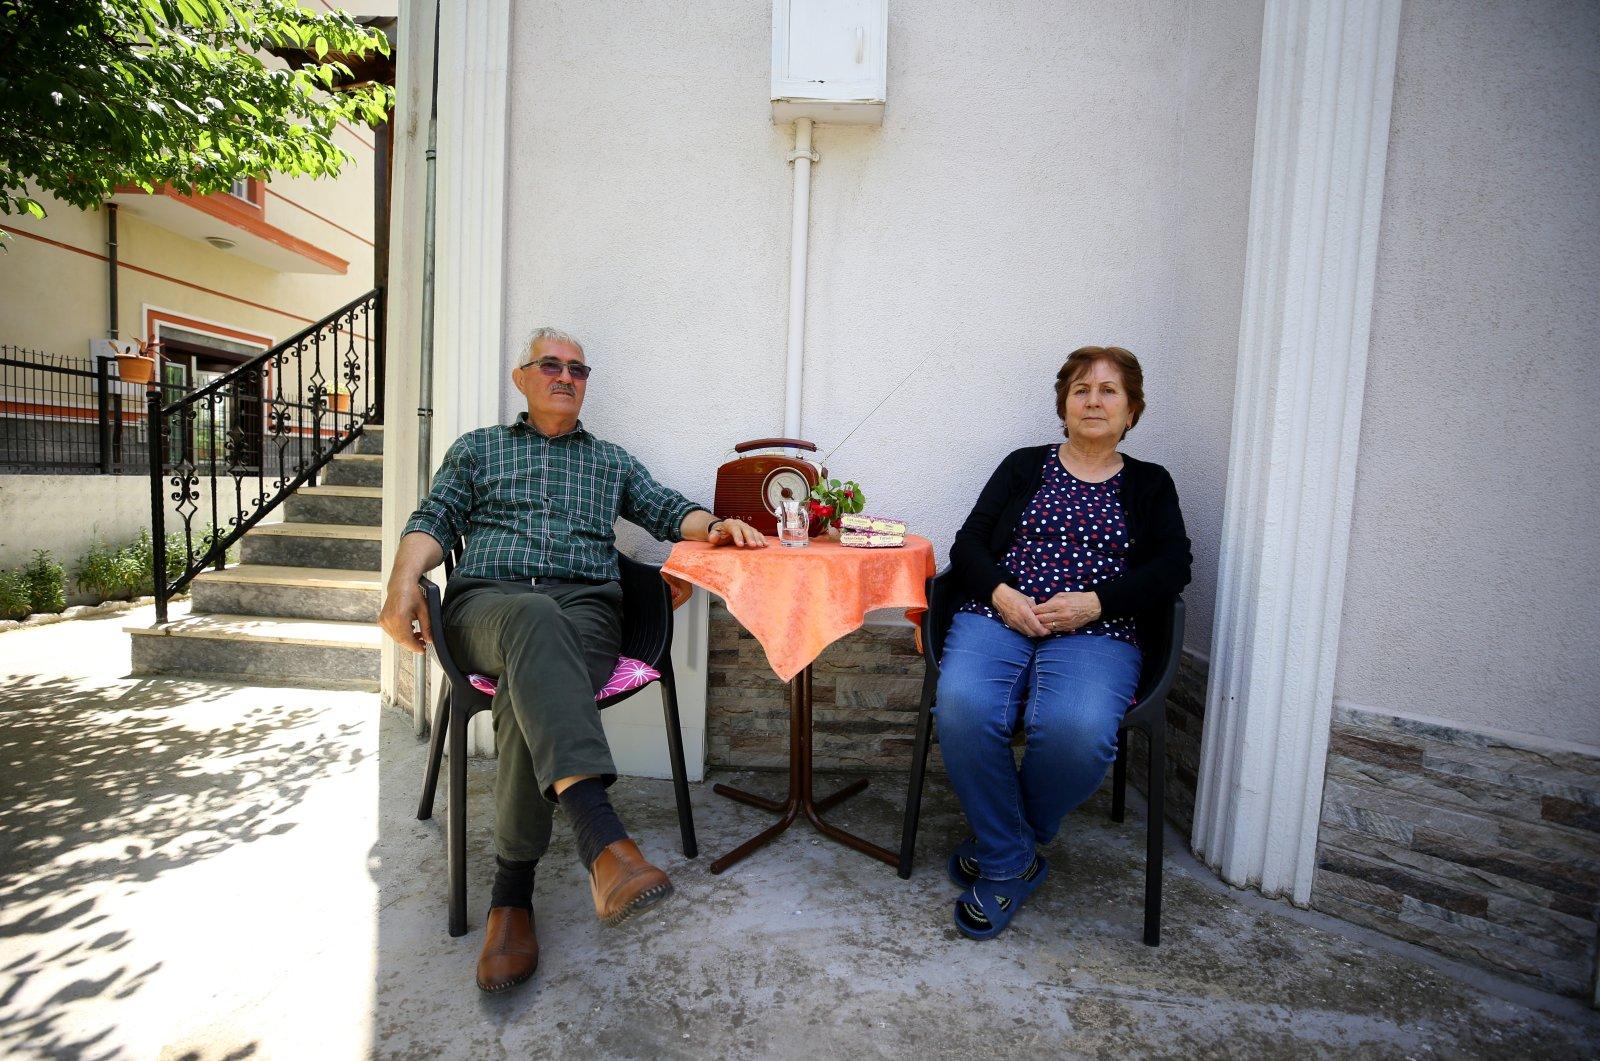 Cemil, 73, and Kıymet Birtane, 70, sit in their garden in Kırklareli province bordering Bulgaria, Edirne, Turkey, May 28, 2021. (Özgün Tiran / Anadolu Agency)